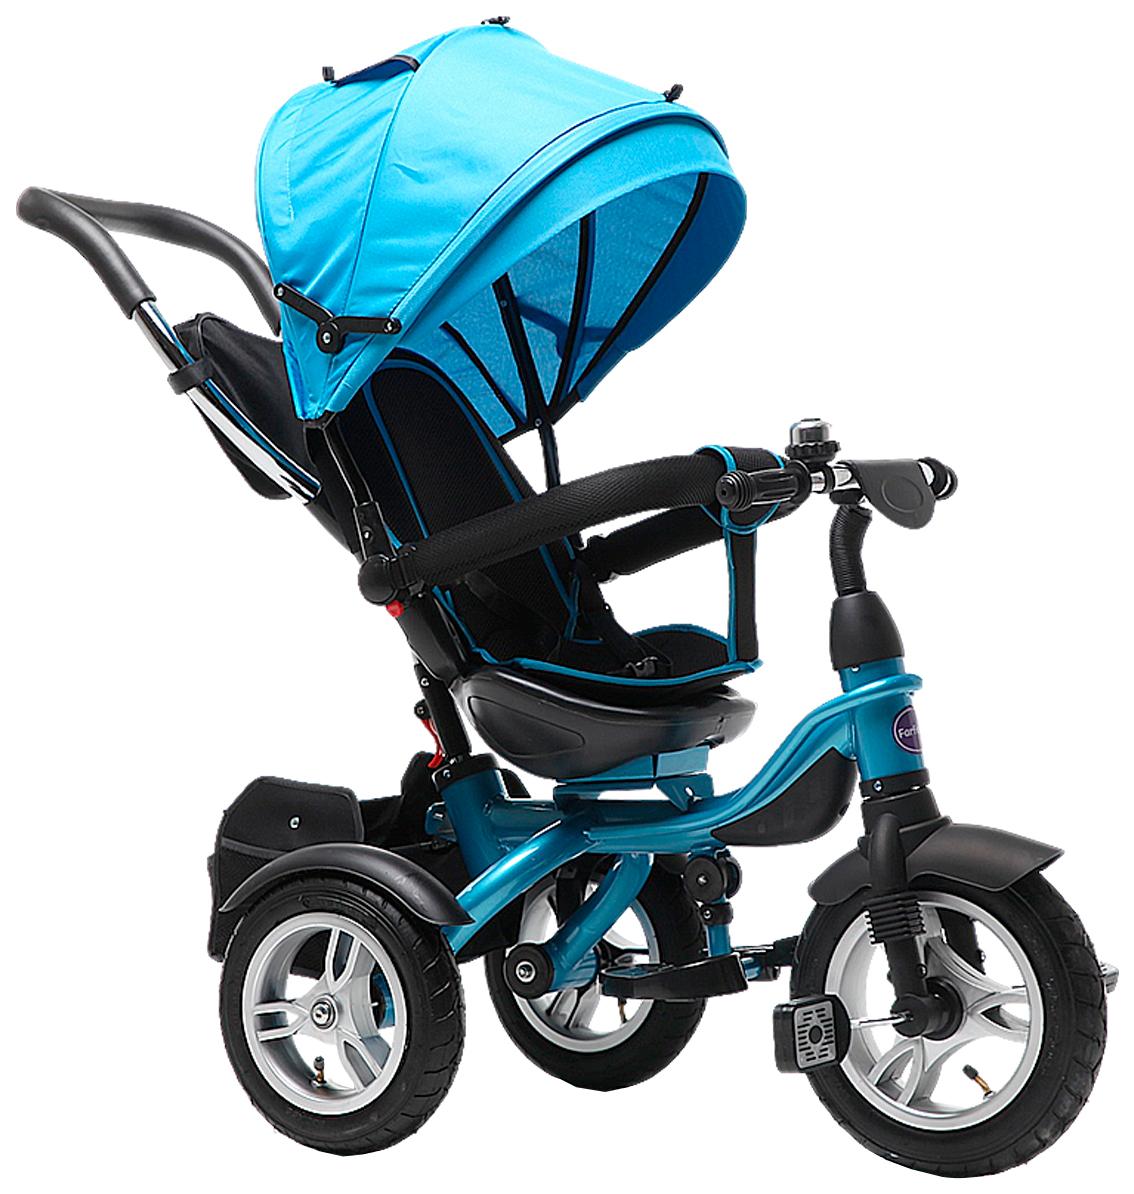 Велосипед трехколесный Farfello TSTX6688-4 небесно-голубой